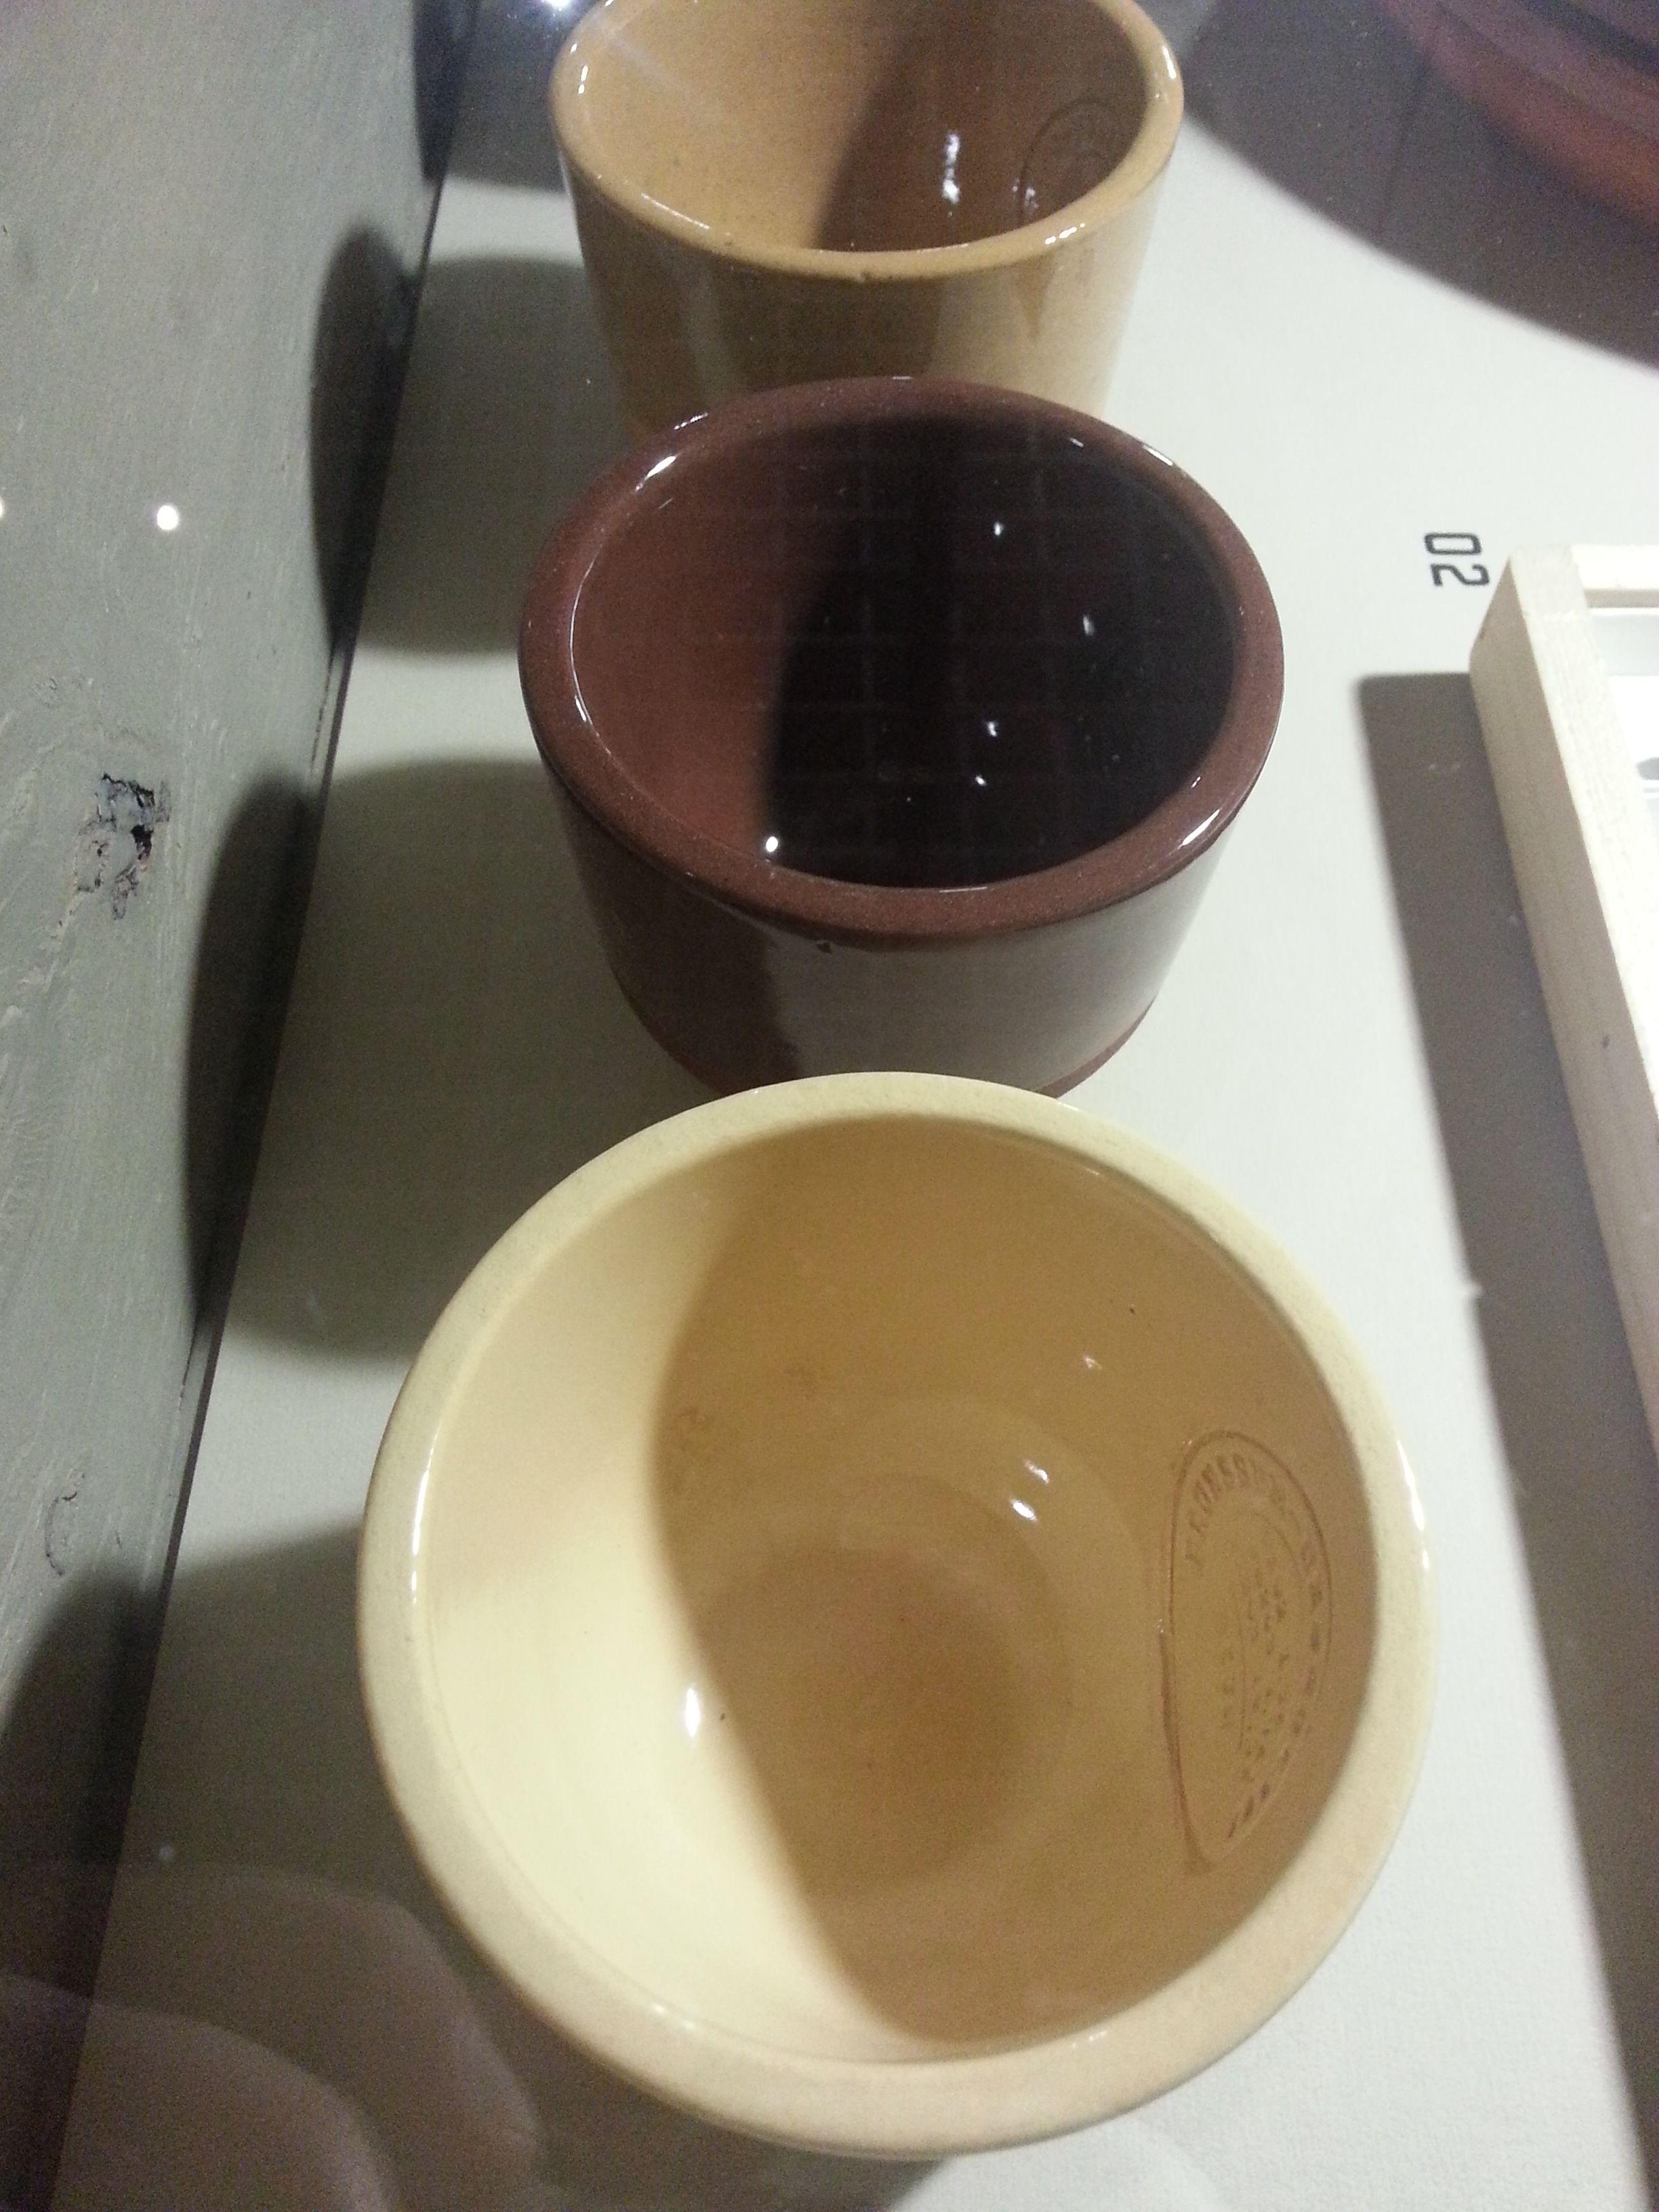 Pottenbakkersservies van Atelier NL - Hand Made in Boijmans van Beuningen 2013